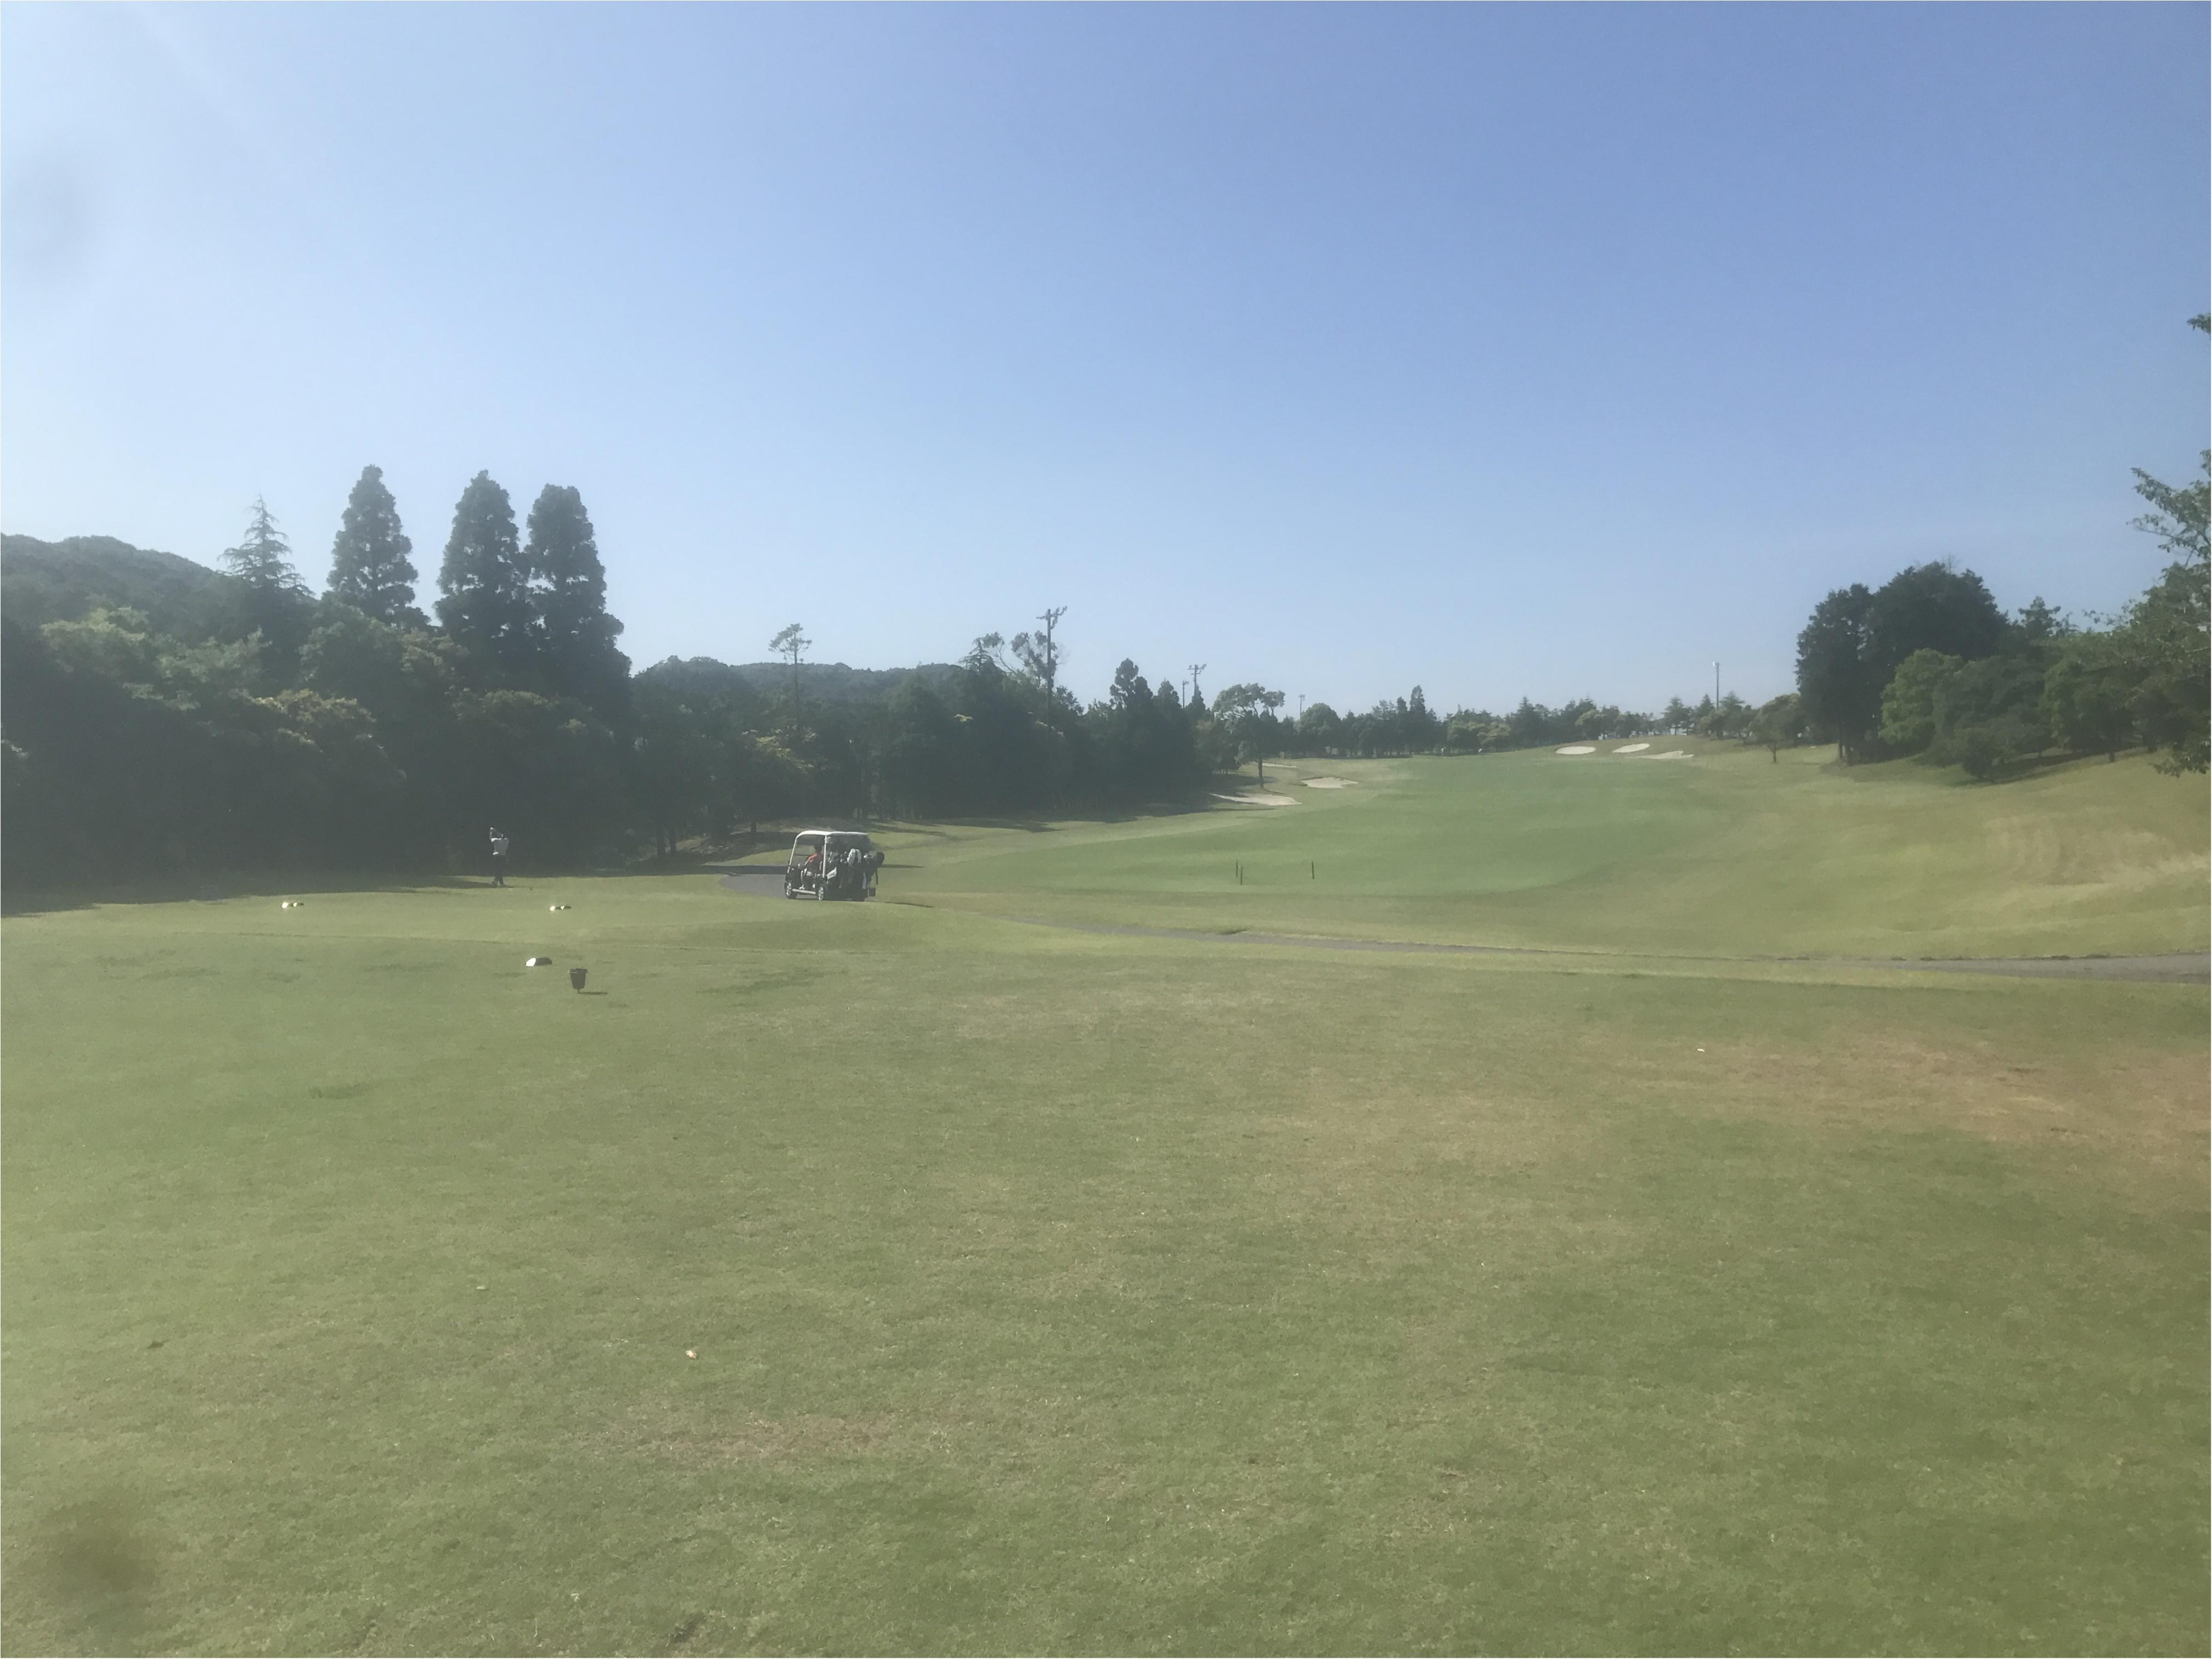 はじめてのゴルフコンペに参加!気になるスコアは...?【#モアチャレ ゴルフチャレンジ】_3